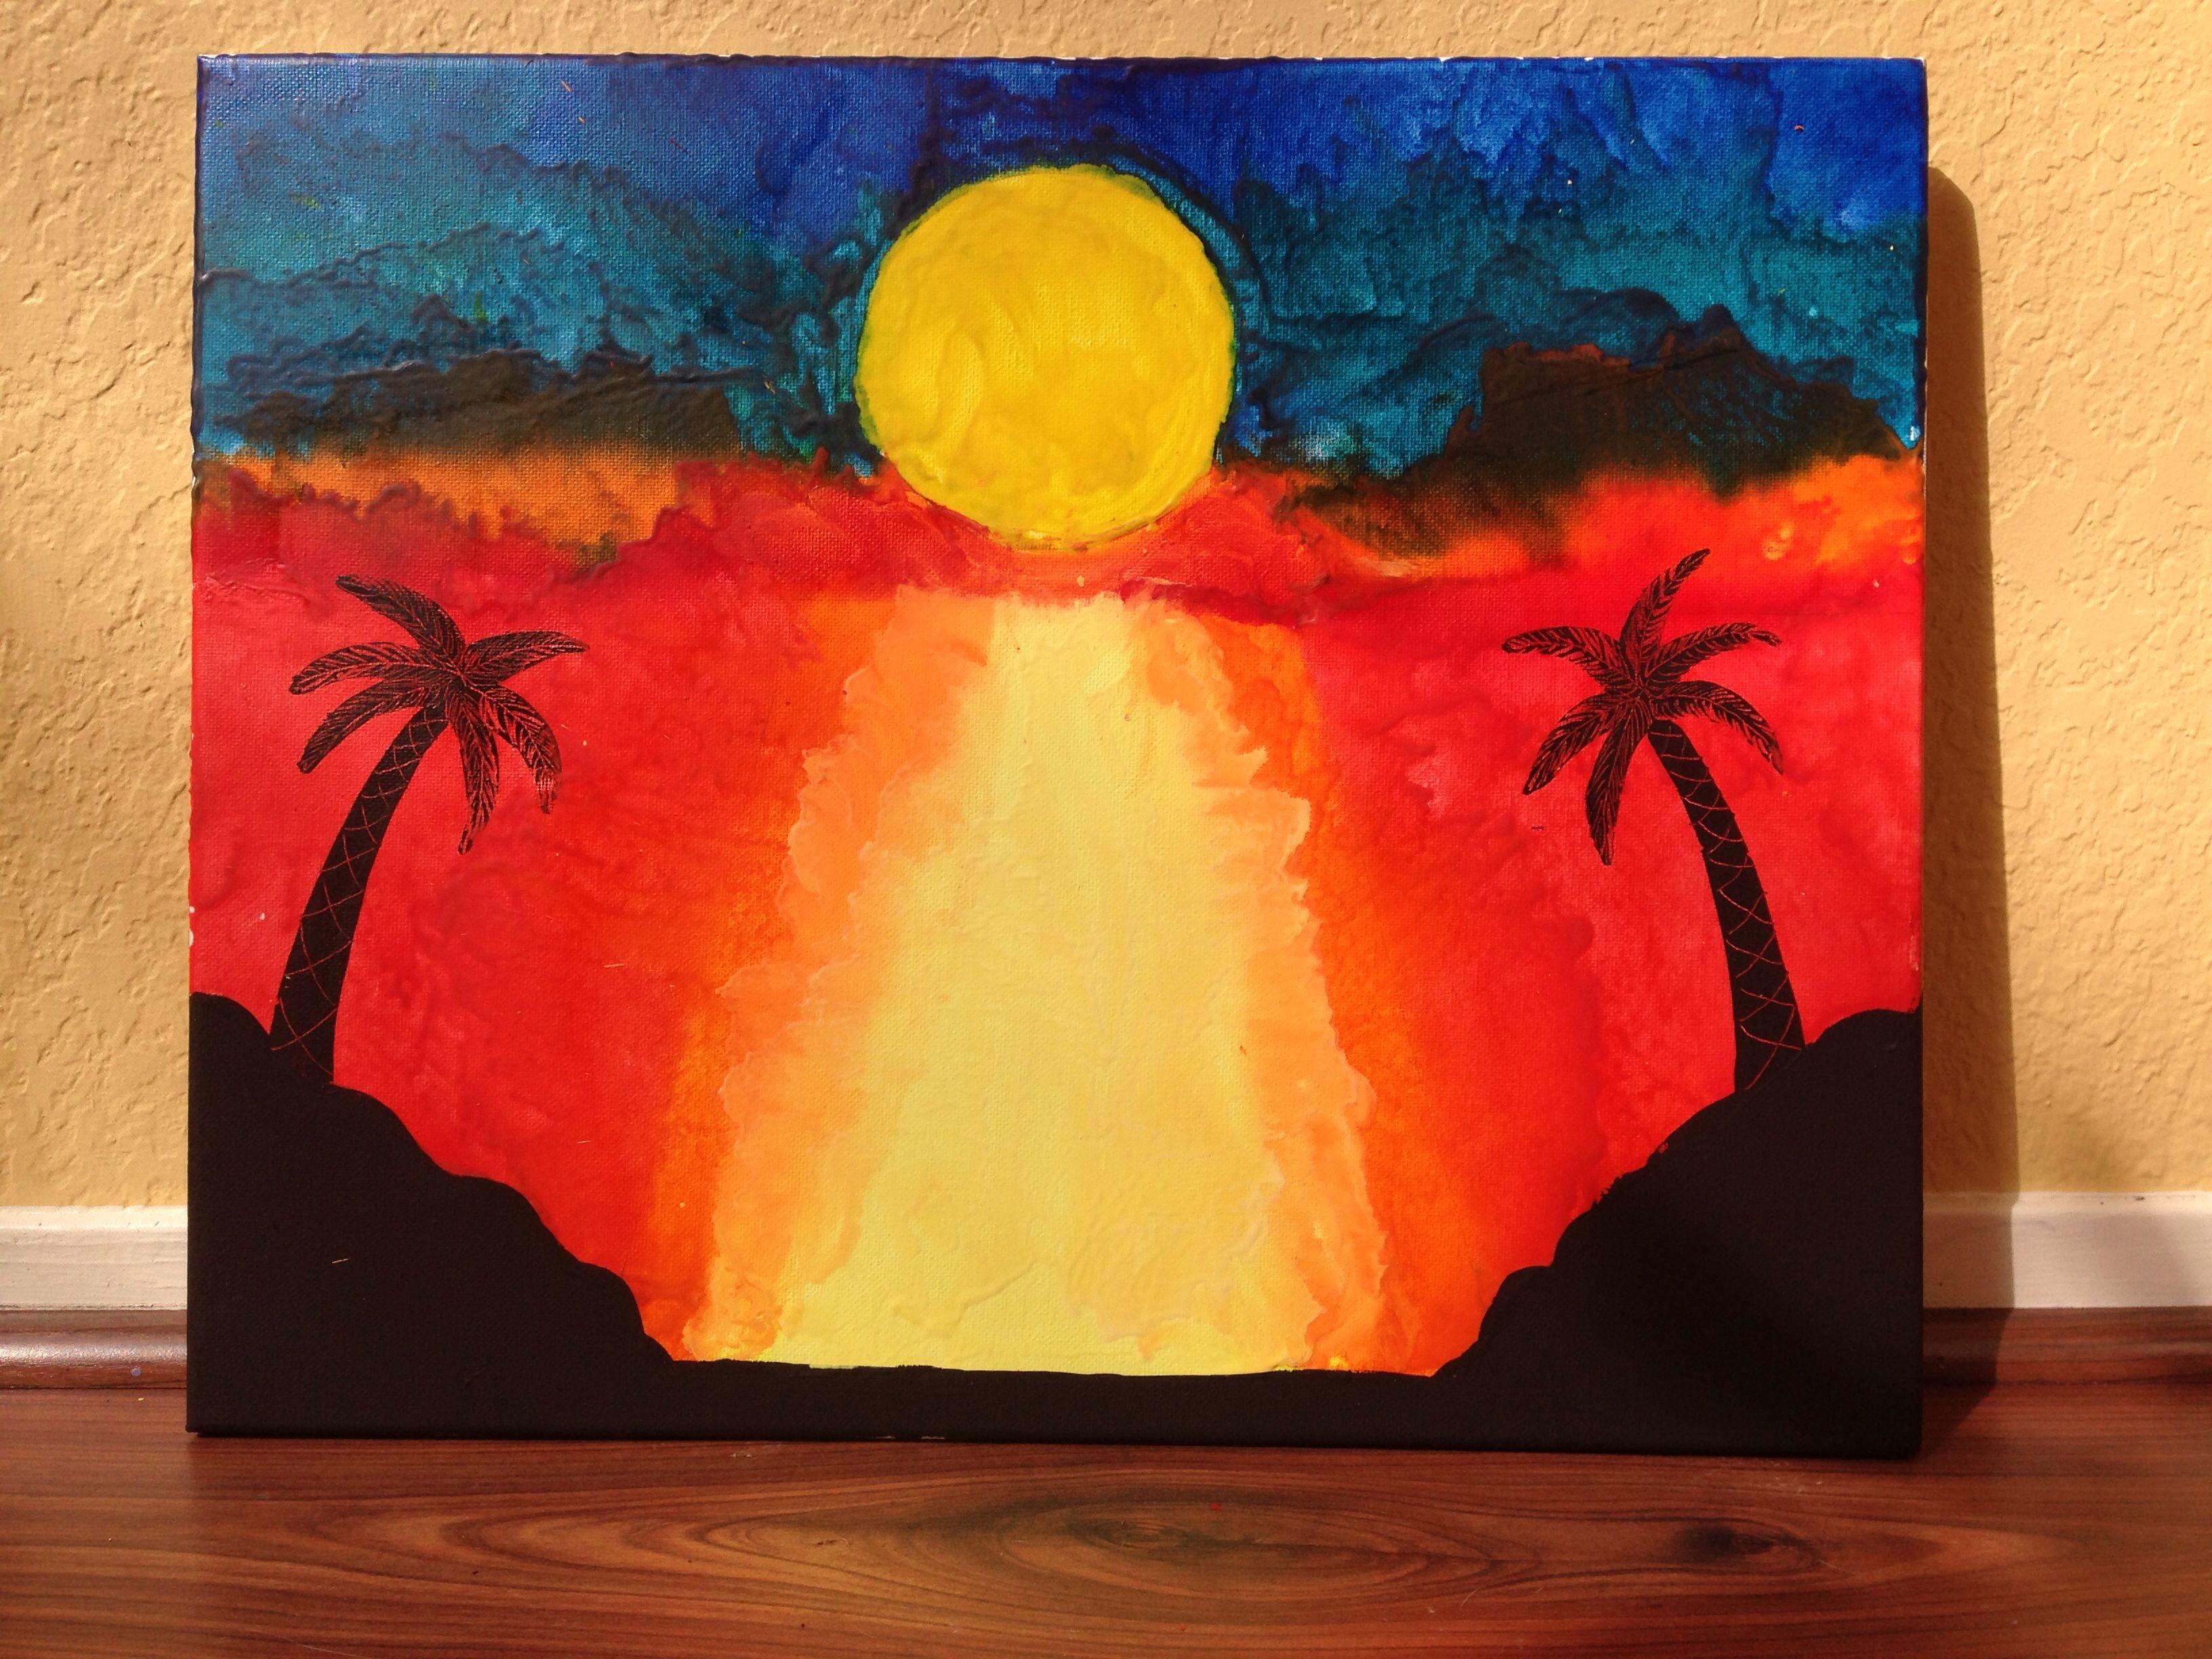 Beach Sunset Melted Crayon Art Crayon Art Melted Crayon Art Art